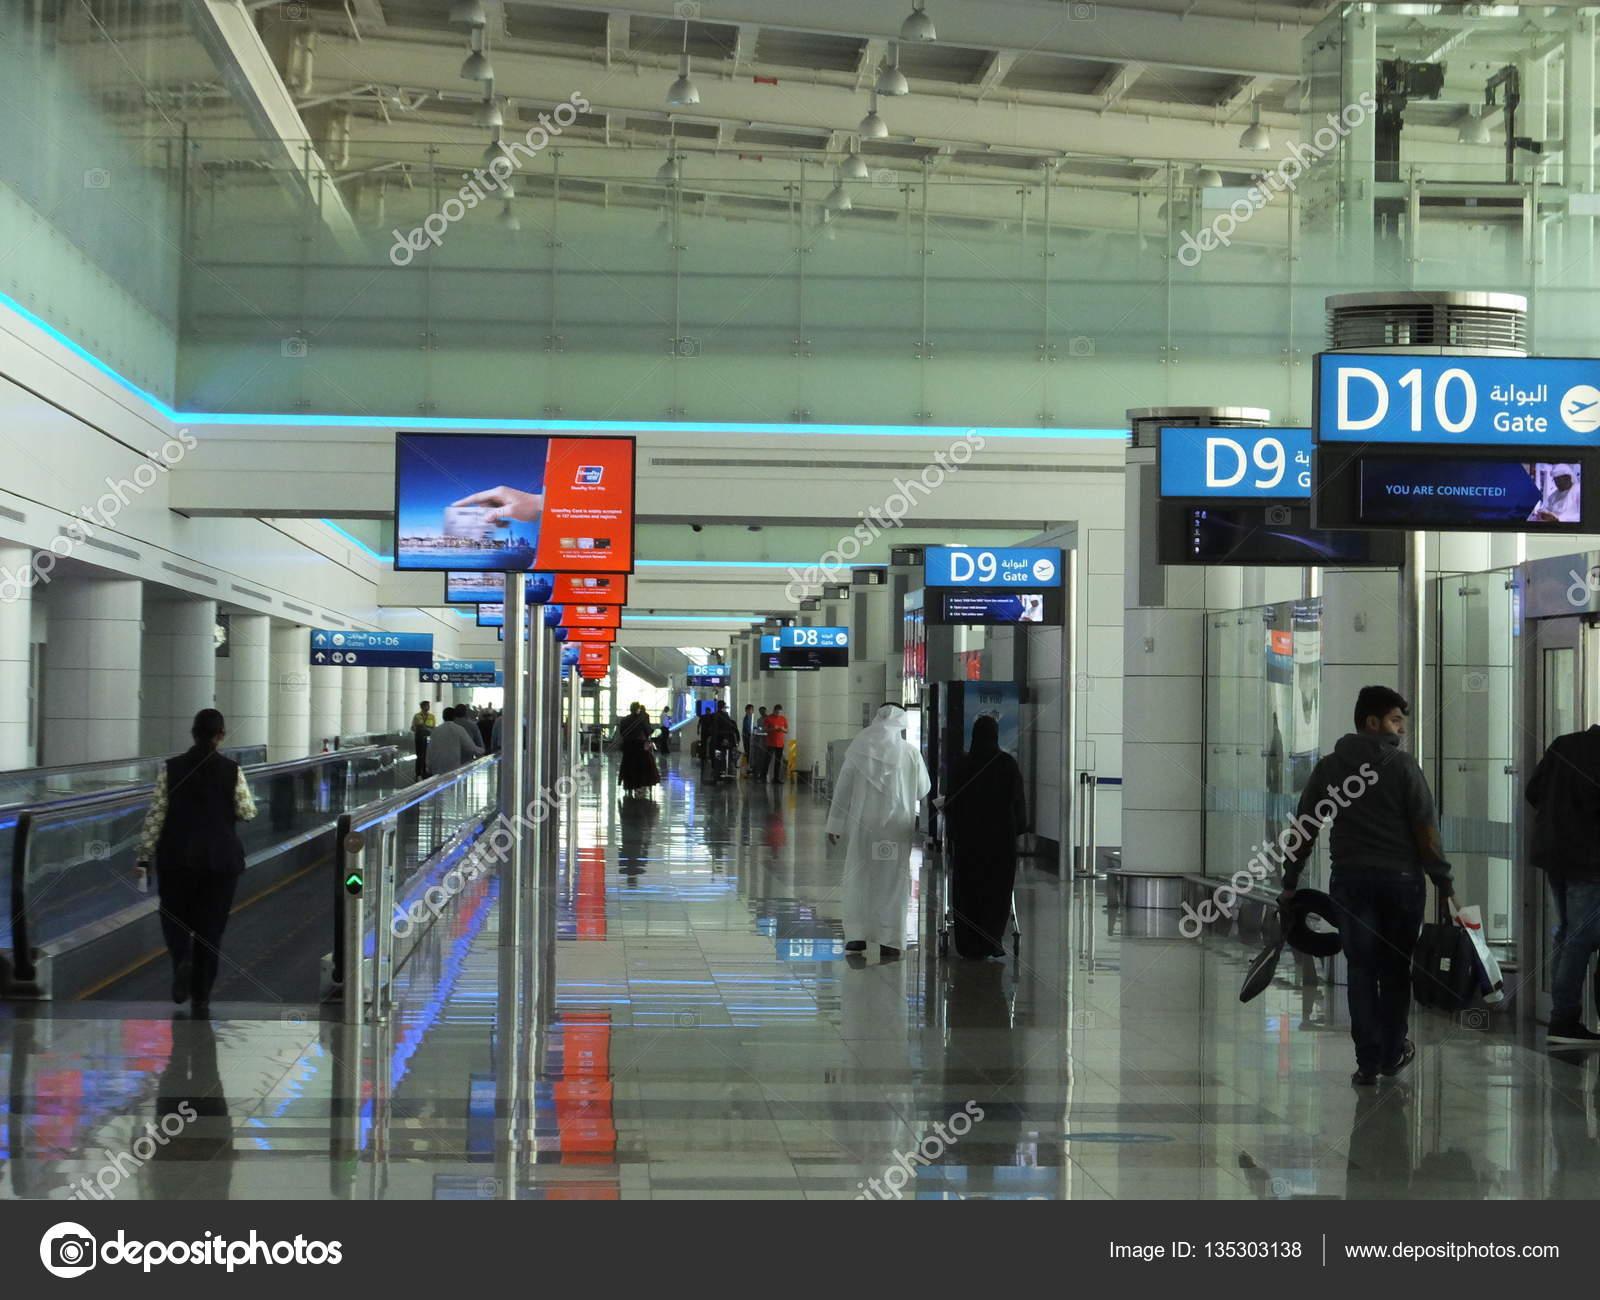 Aeroporto Emirati Arabi : Terminal all aeroporto internazionale di dubai negli